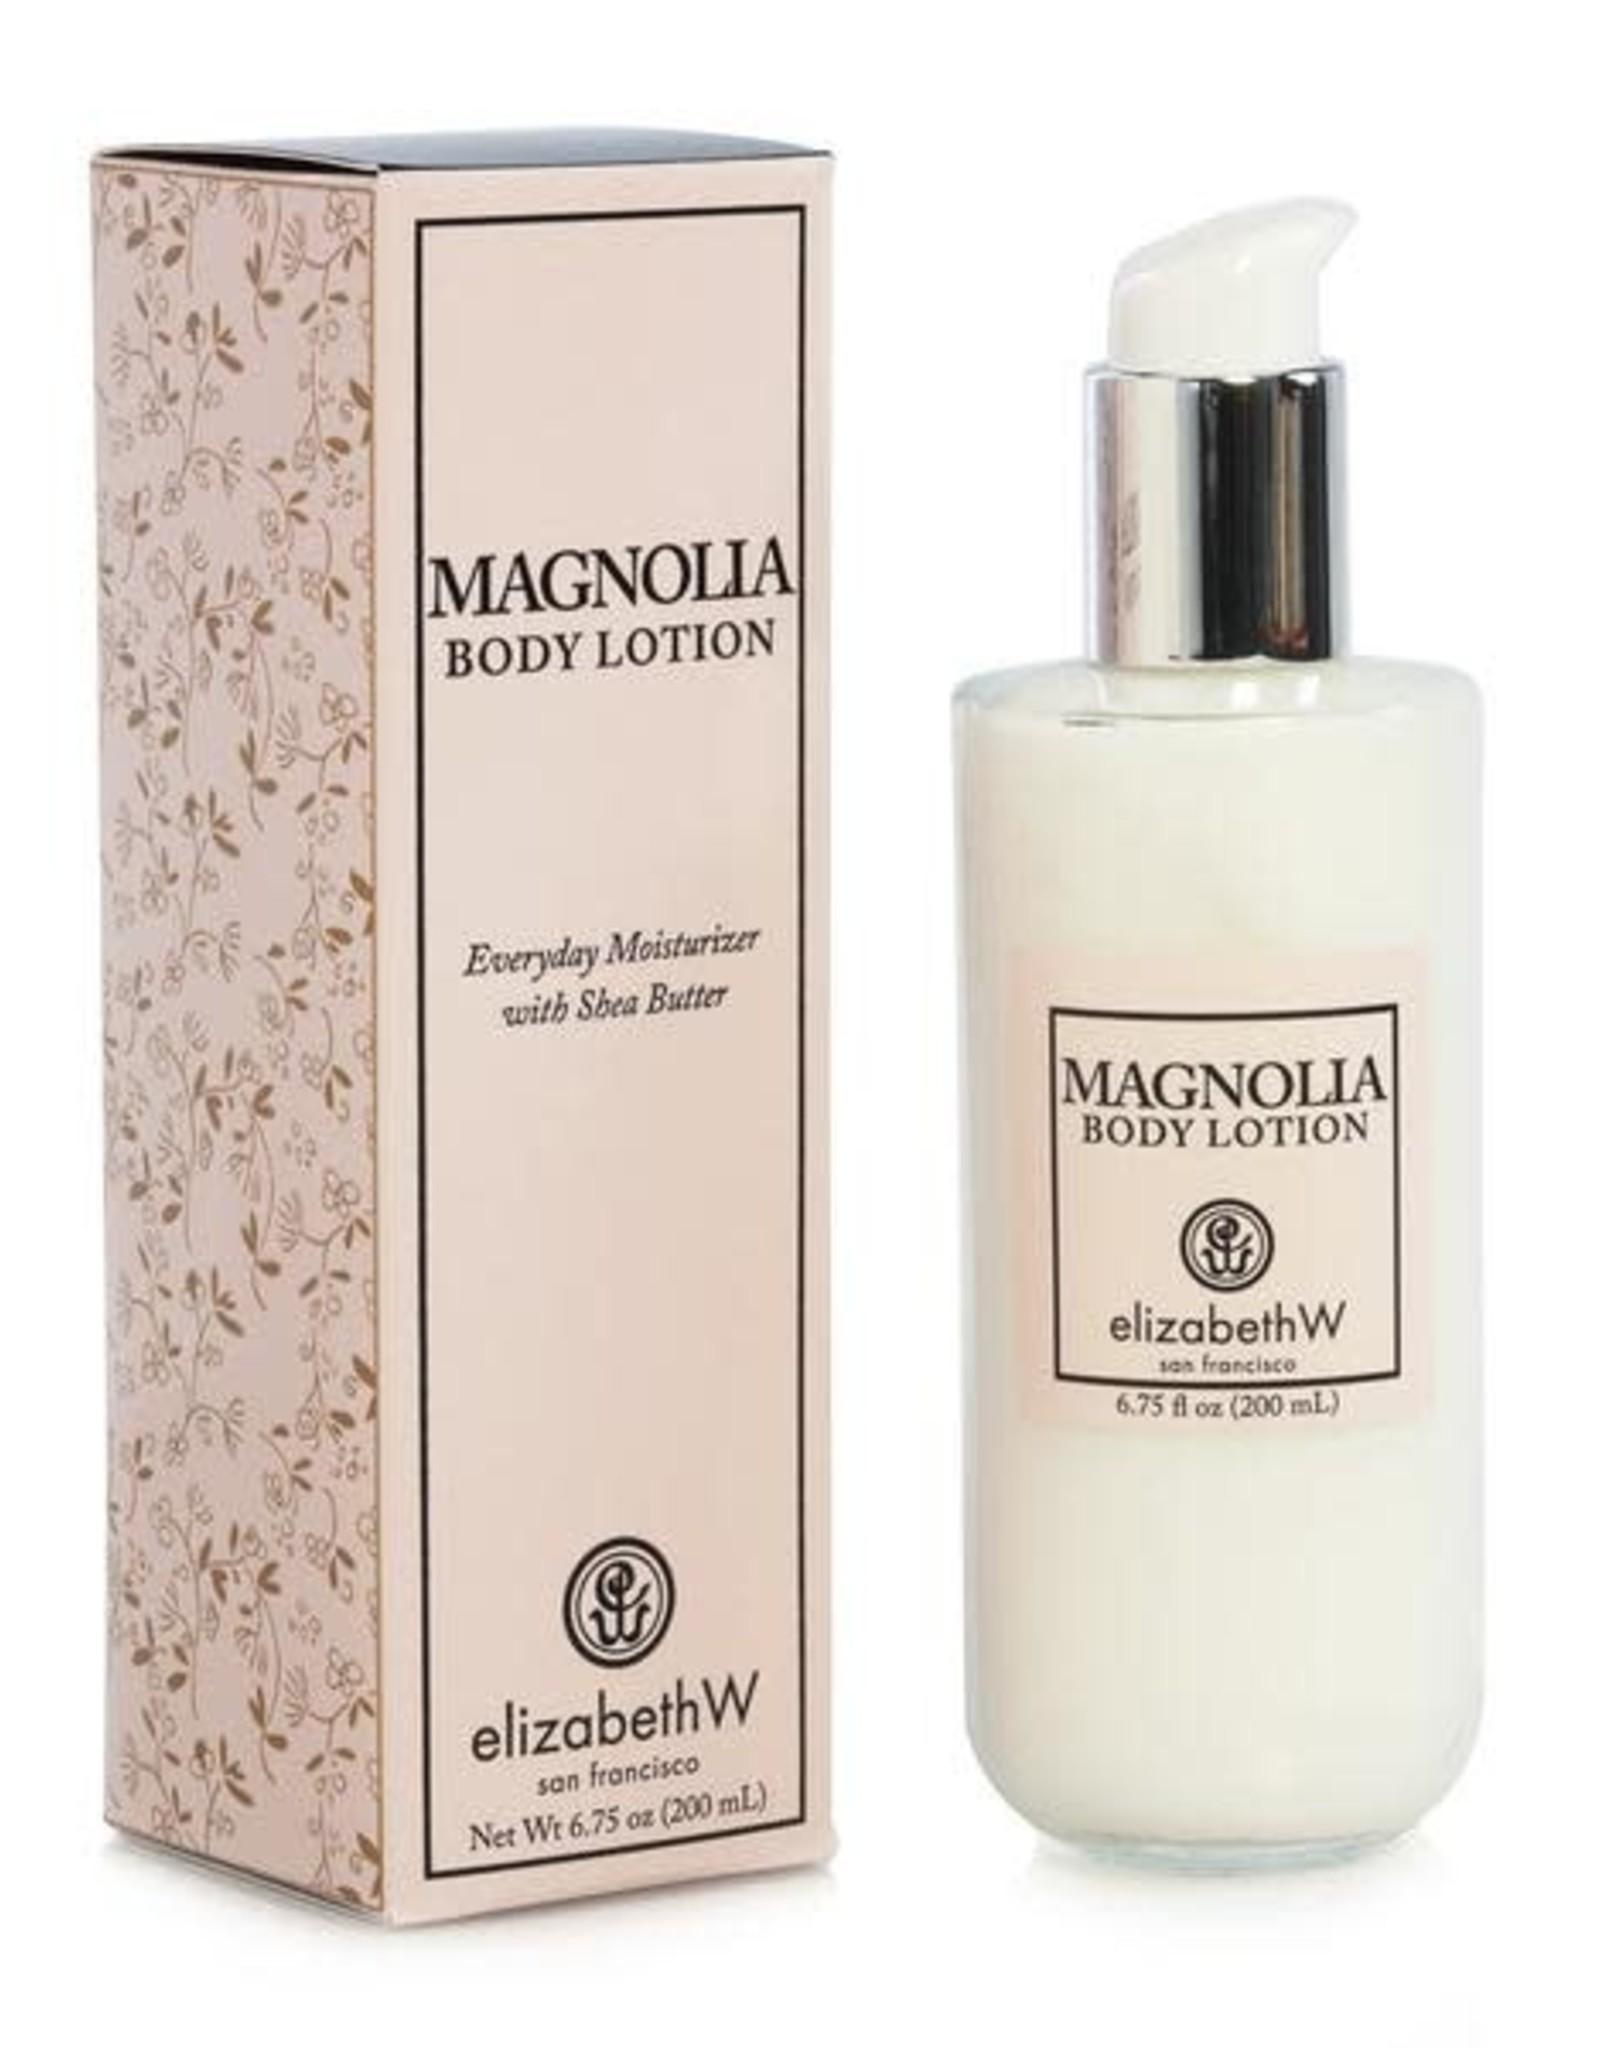 Elizabeth W. Magnolia Body Lotion 6.75 fl oz